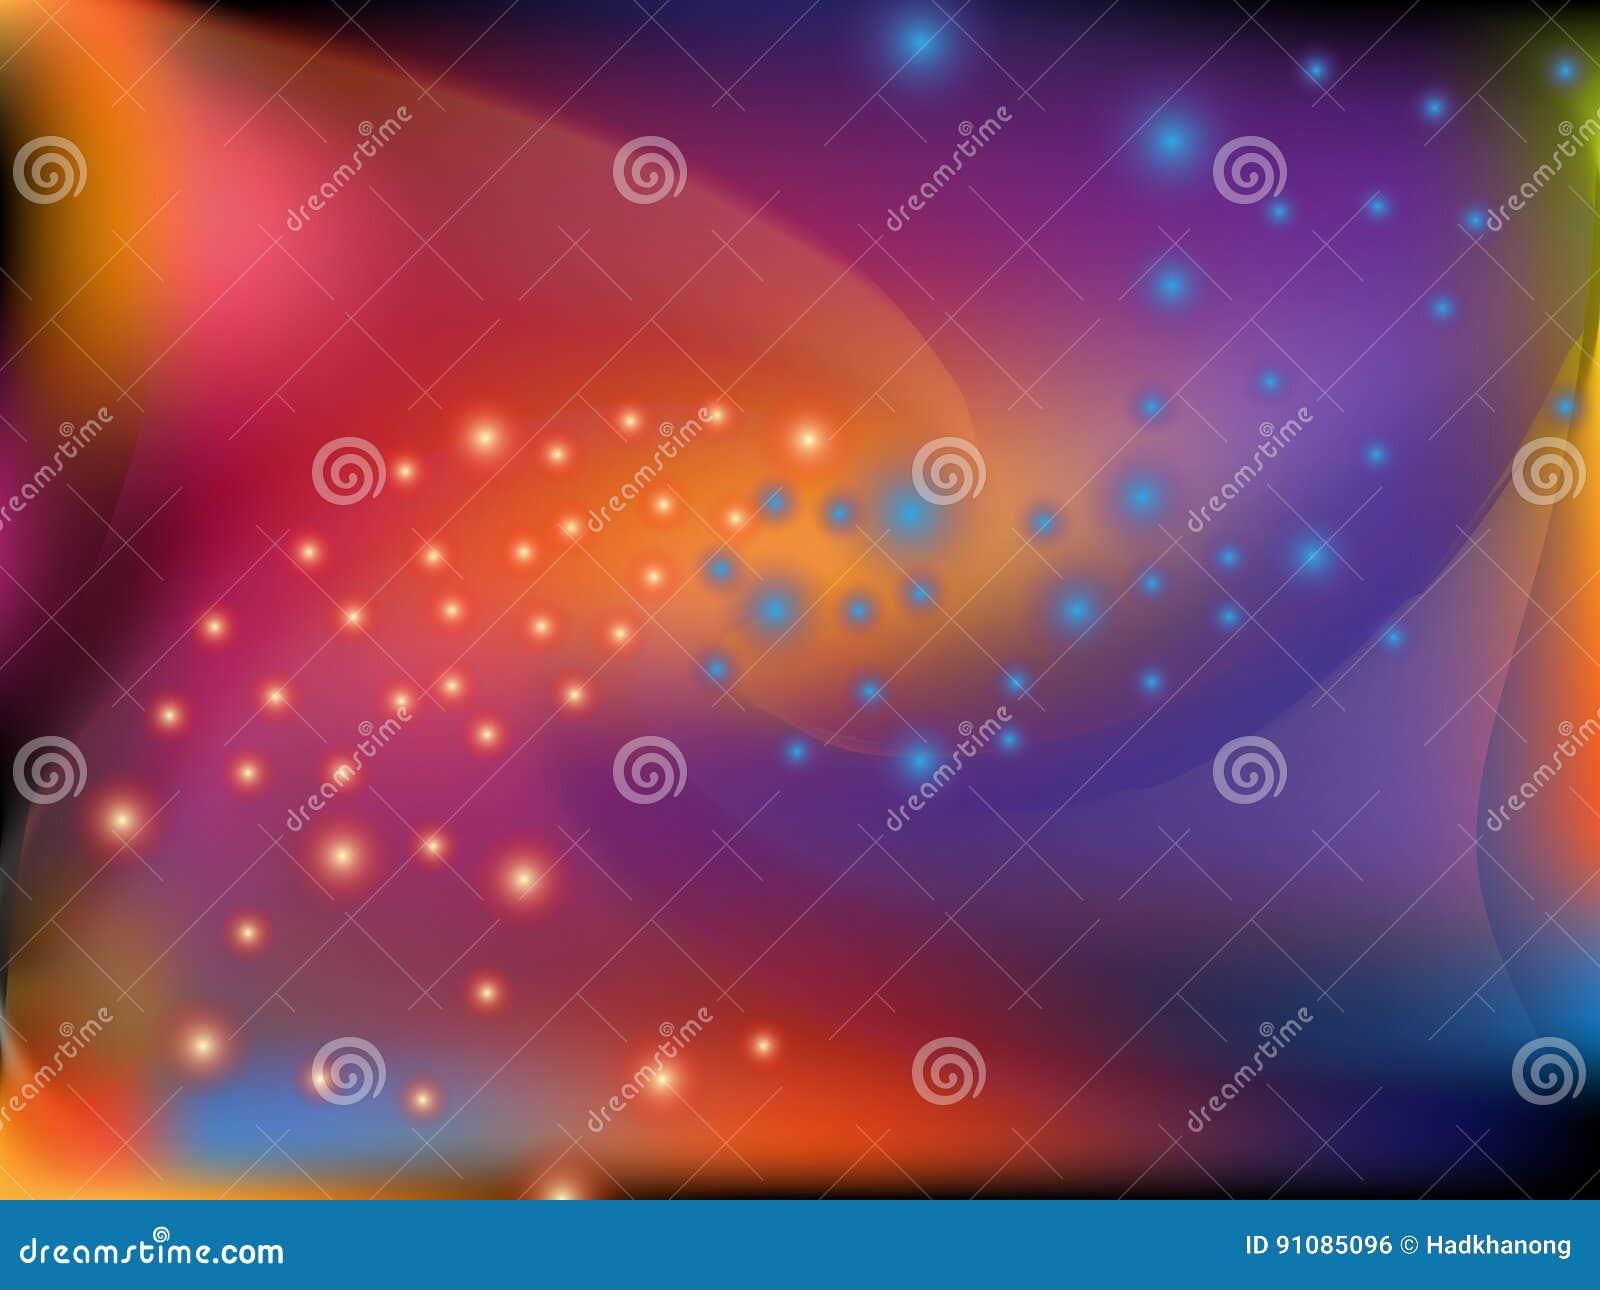 抽象五颜六色的转弯形状和眨眼睛小点